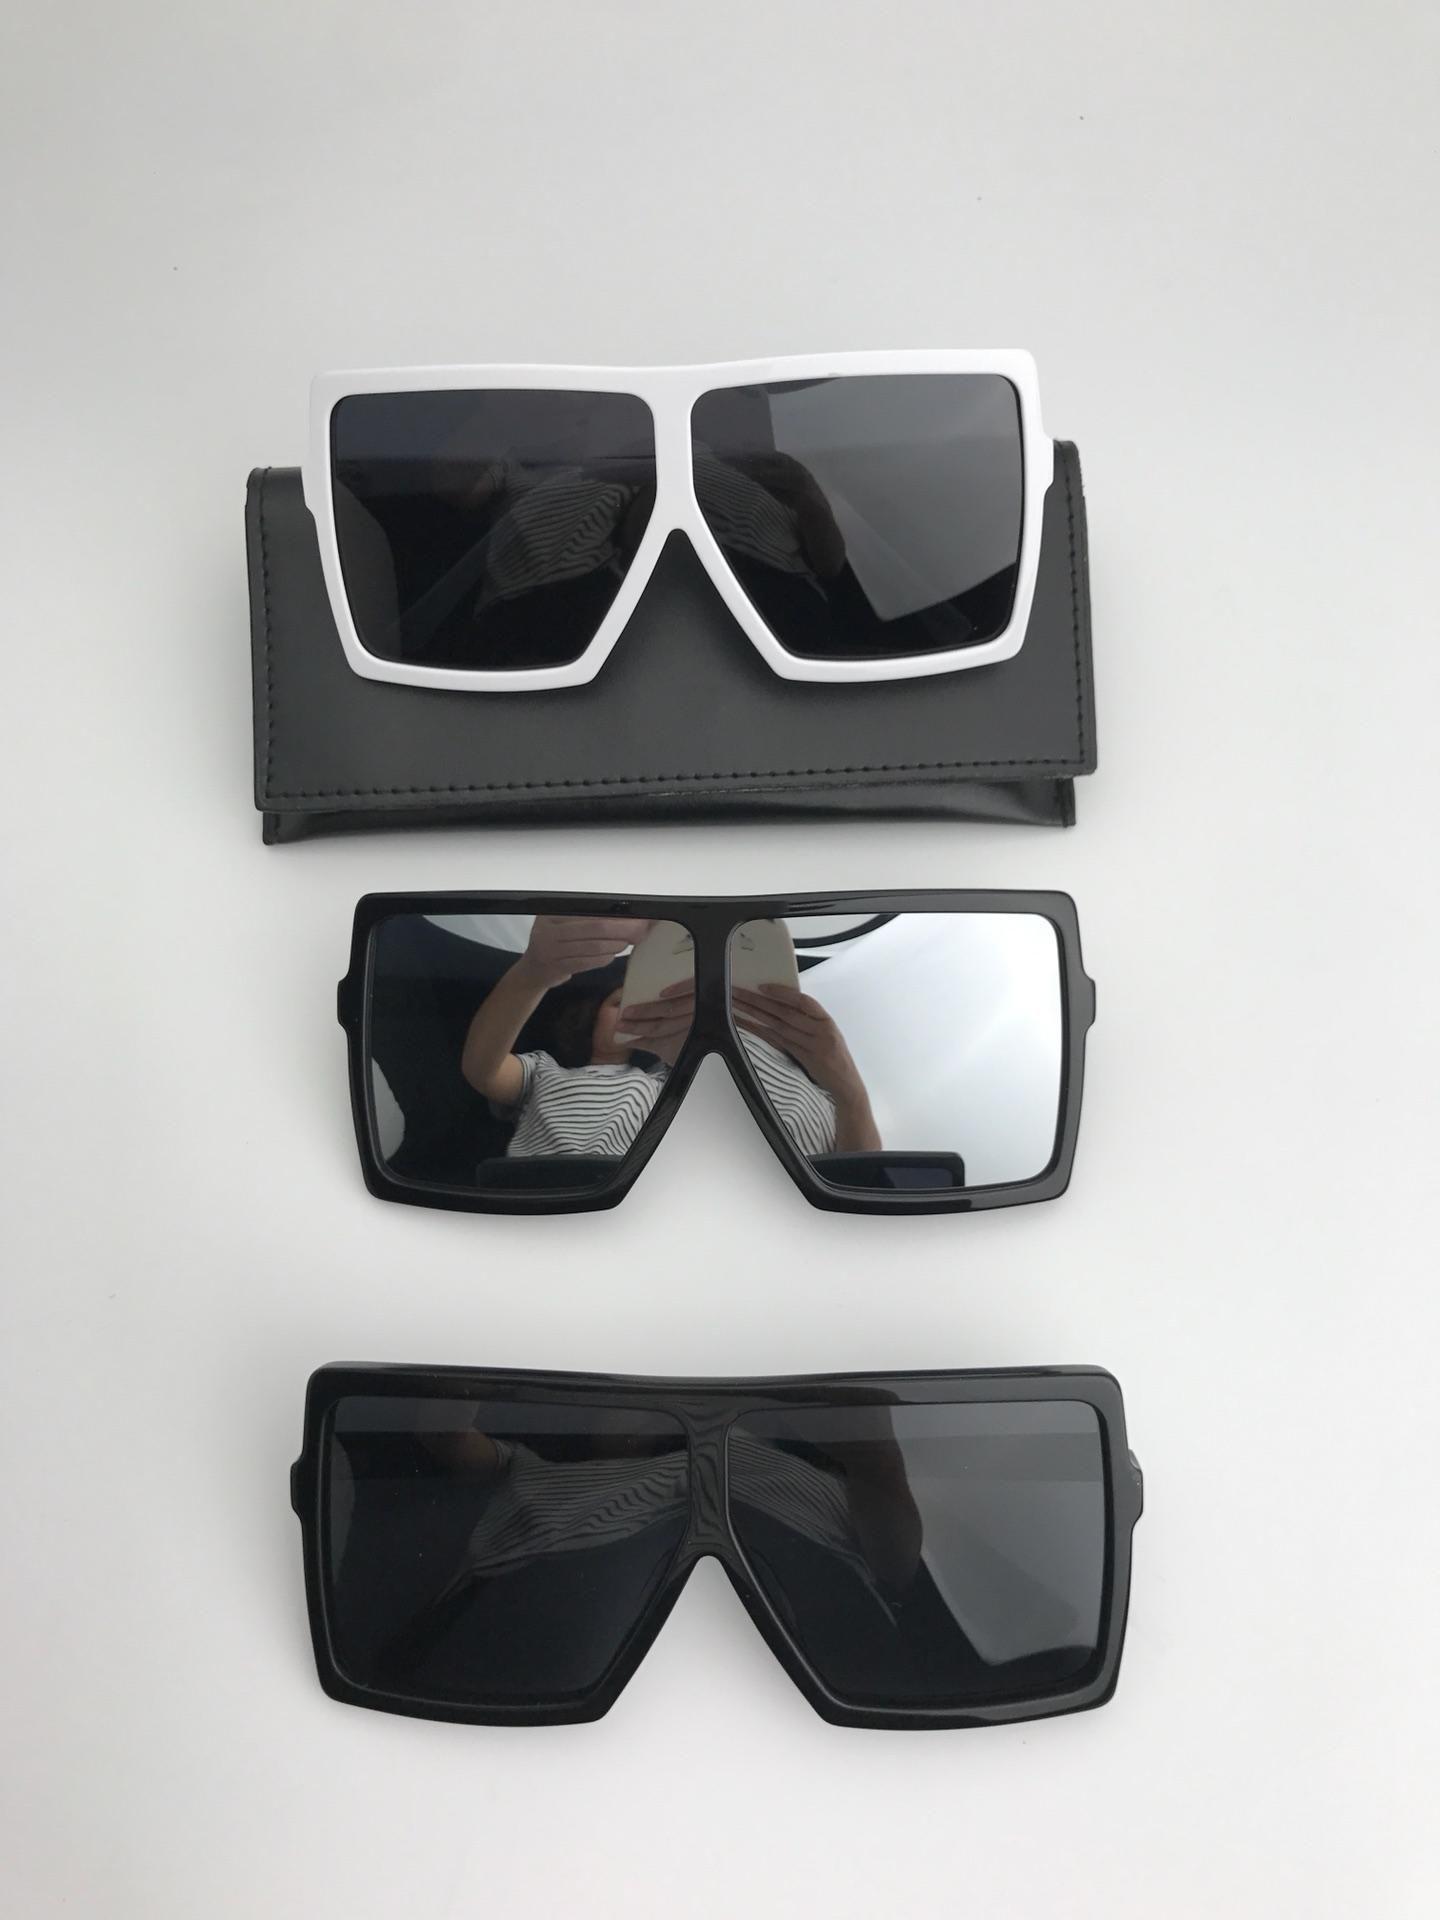 6ea7b4f639 Compre BETTY SL 183 Gafas De Sol De Gran Tamaño Marco Blanco Lentes  Sombreadas En Gris Gafa De Sol Gafas De Sol De Diseñador Hombres Gafas De  Sol De Verano ...